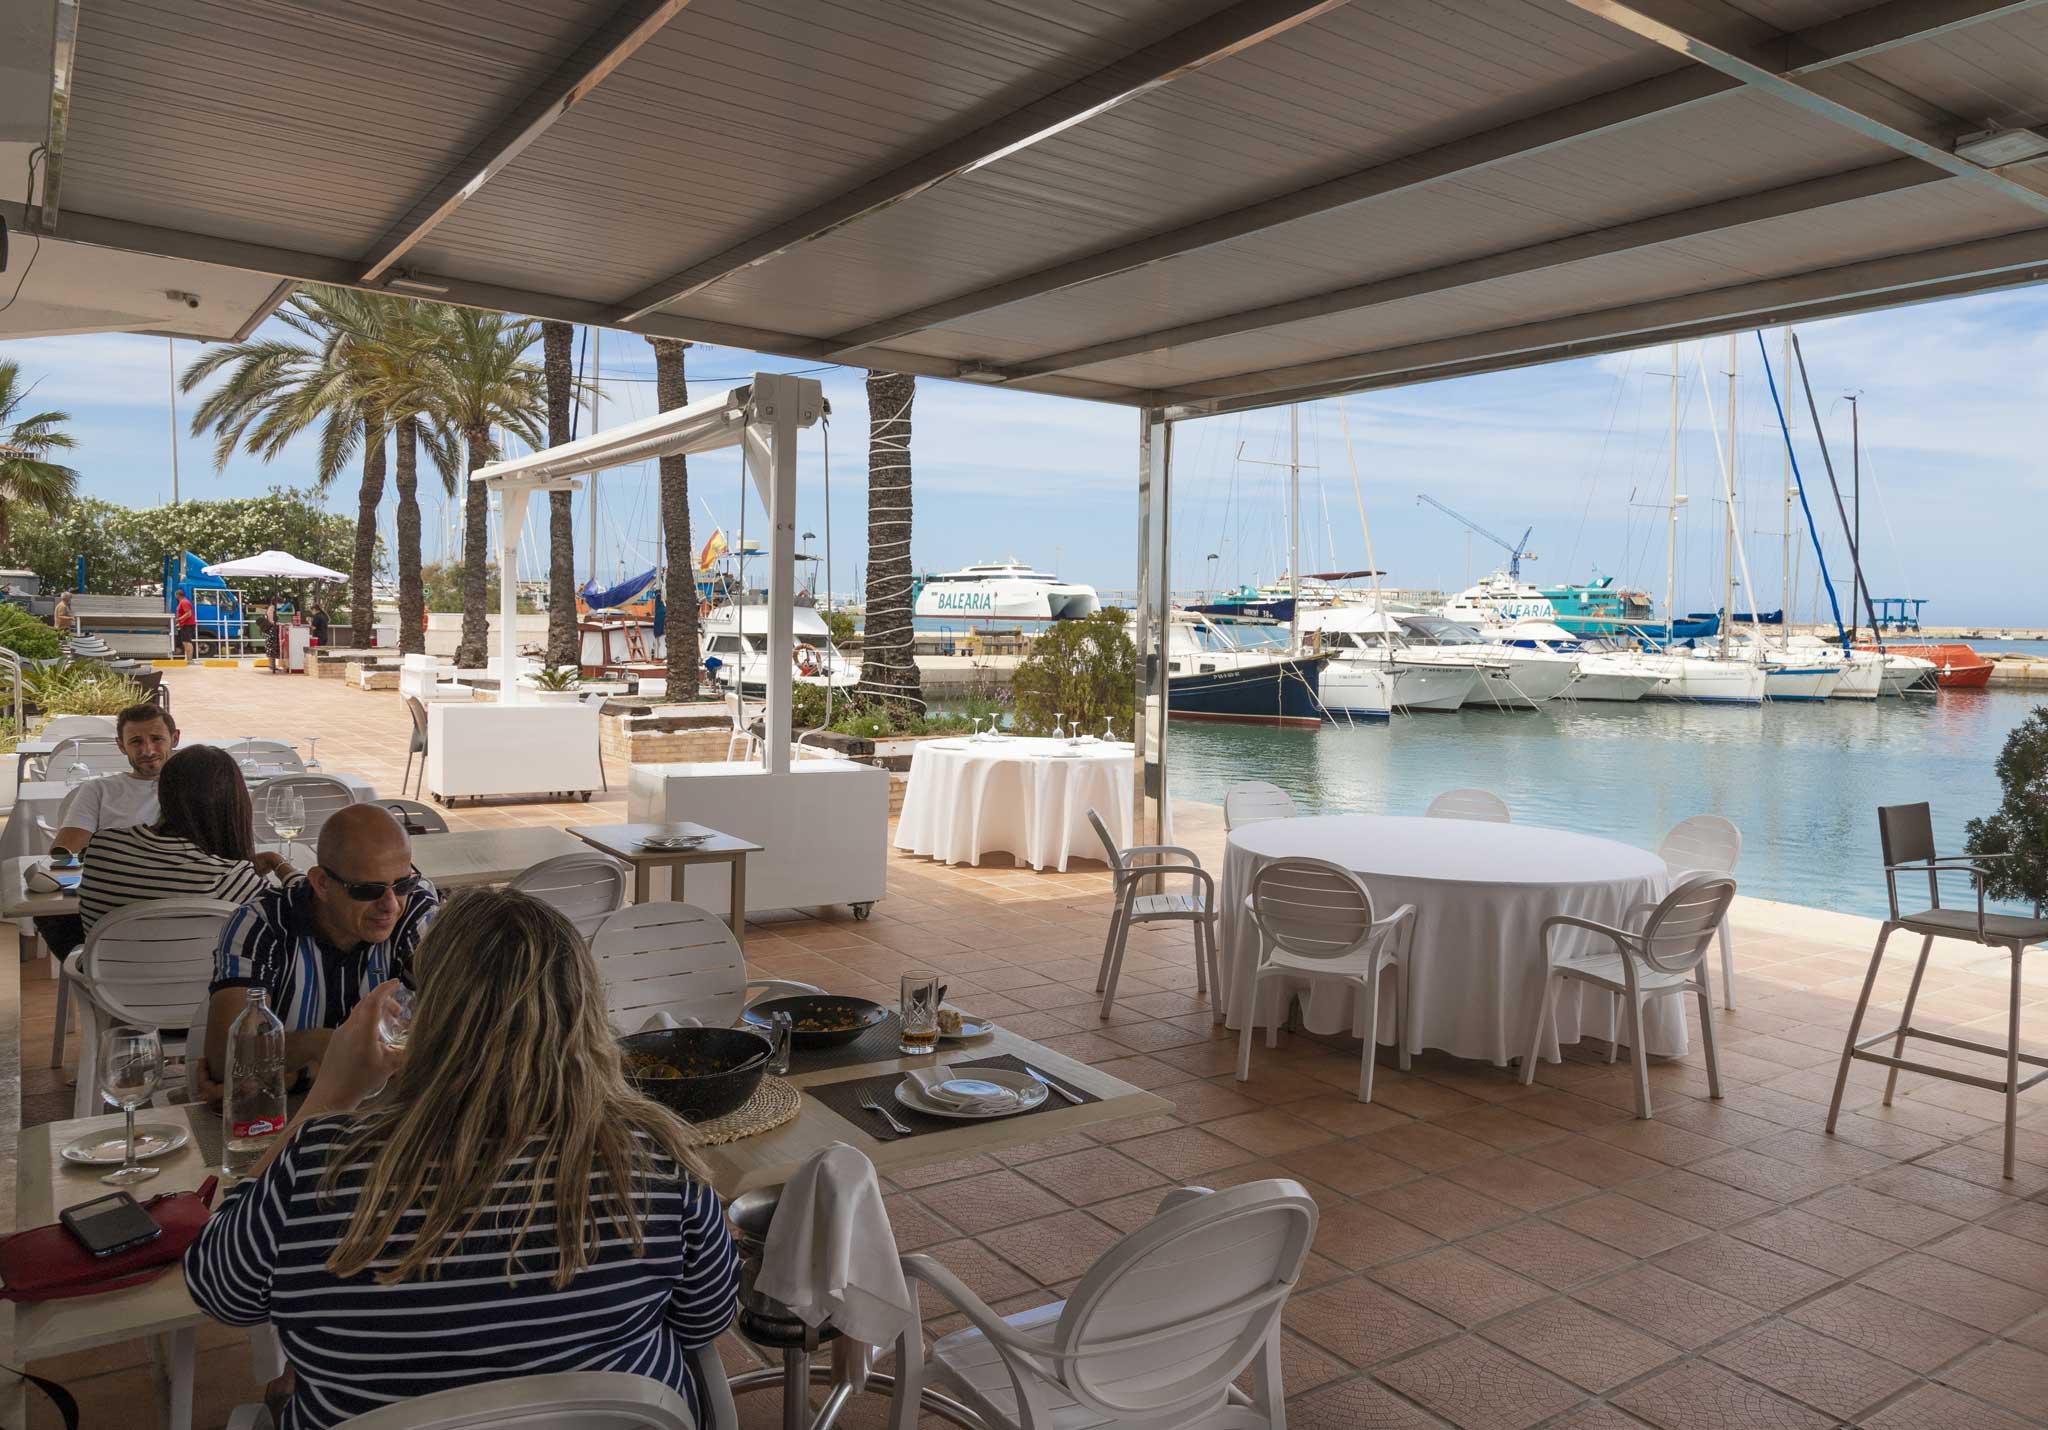 Restaurante con vistas al mar – Restaurante Balandros